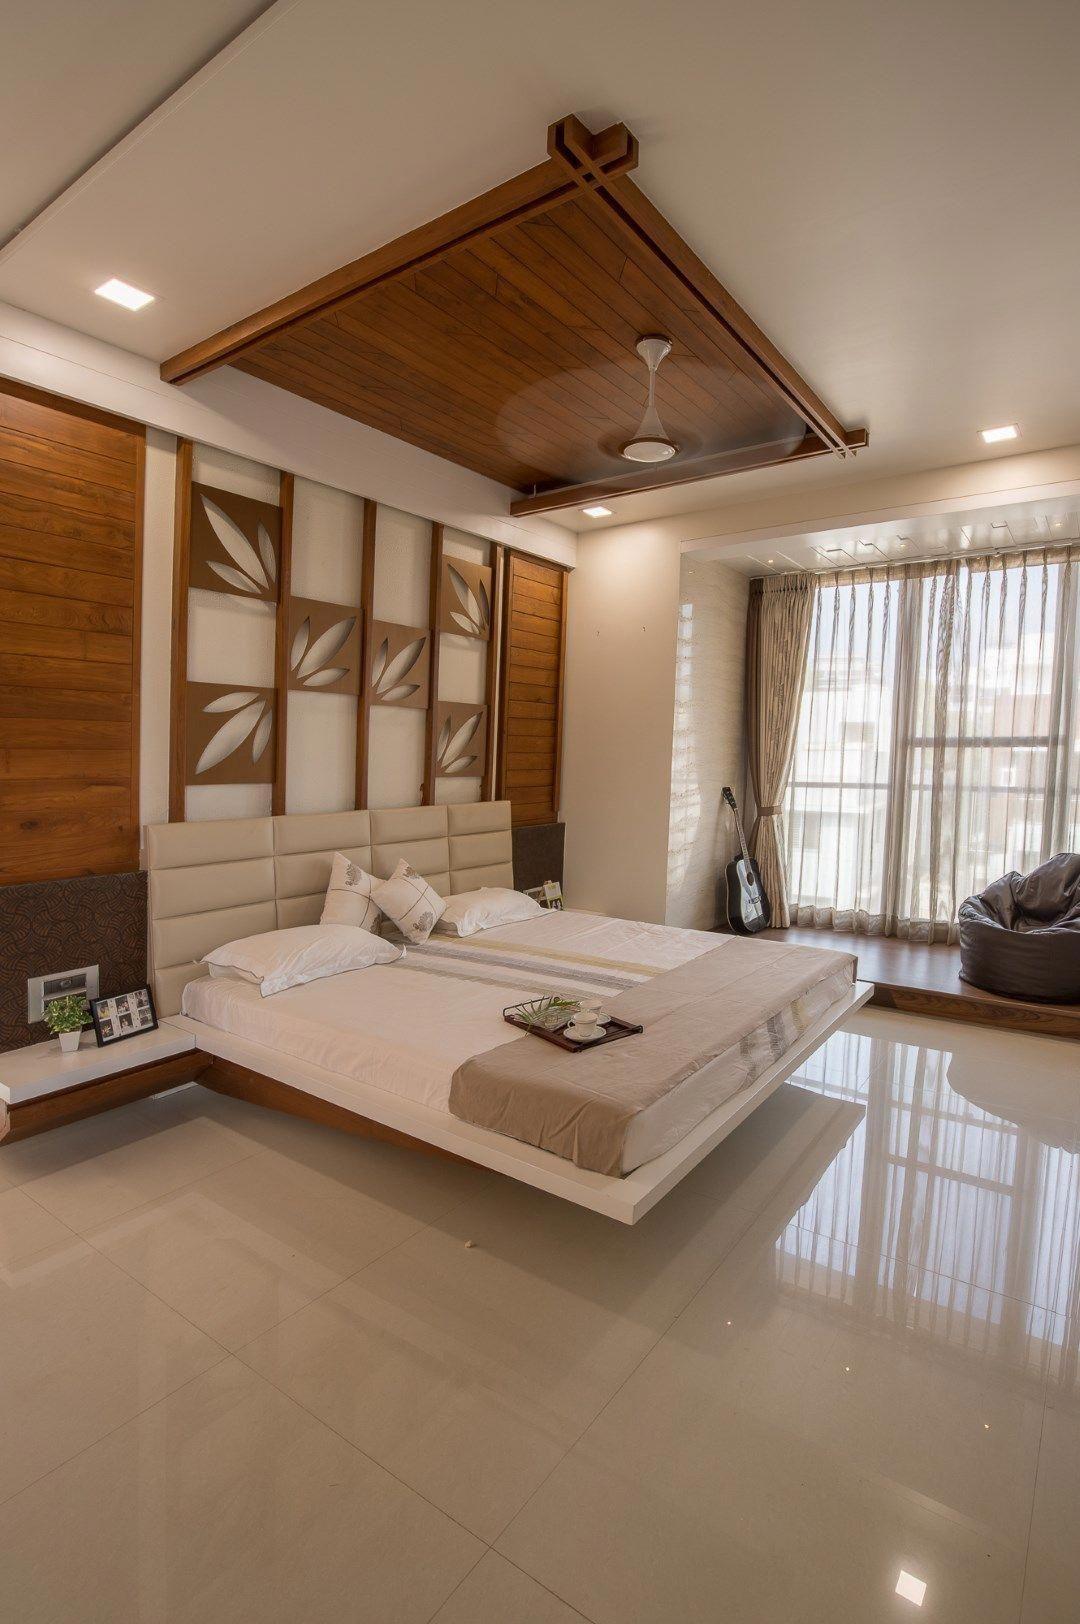 Modern Elegant Bedroom Ideas 2021 In 2020 Modern Bedroom Interior Modern Bedroom Design Modern Bedroom Decor